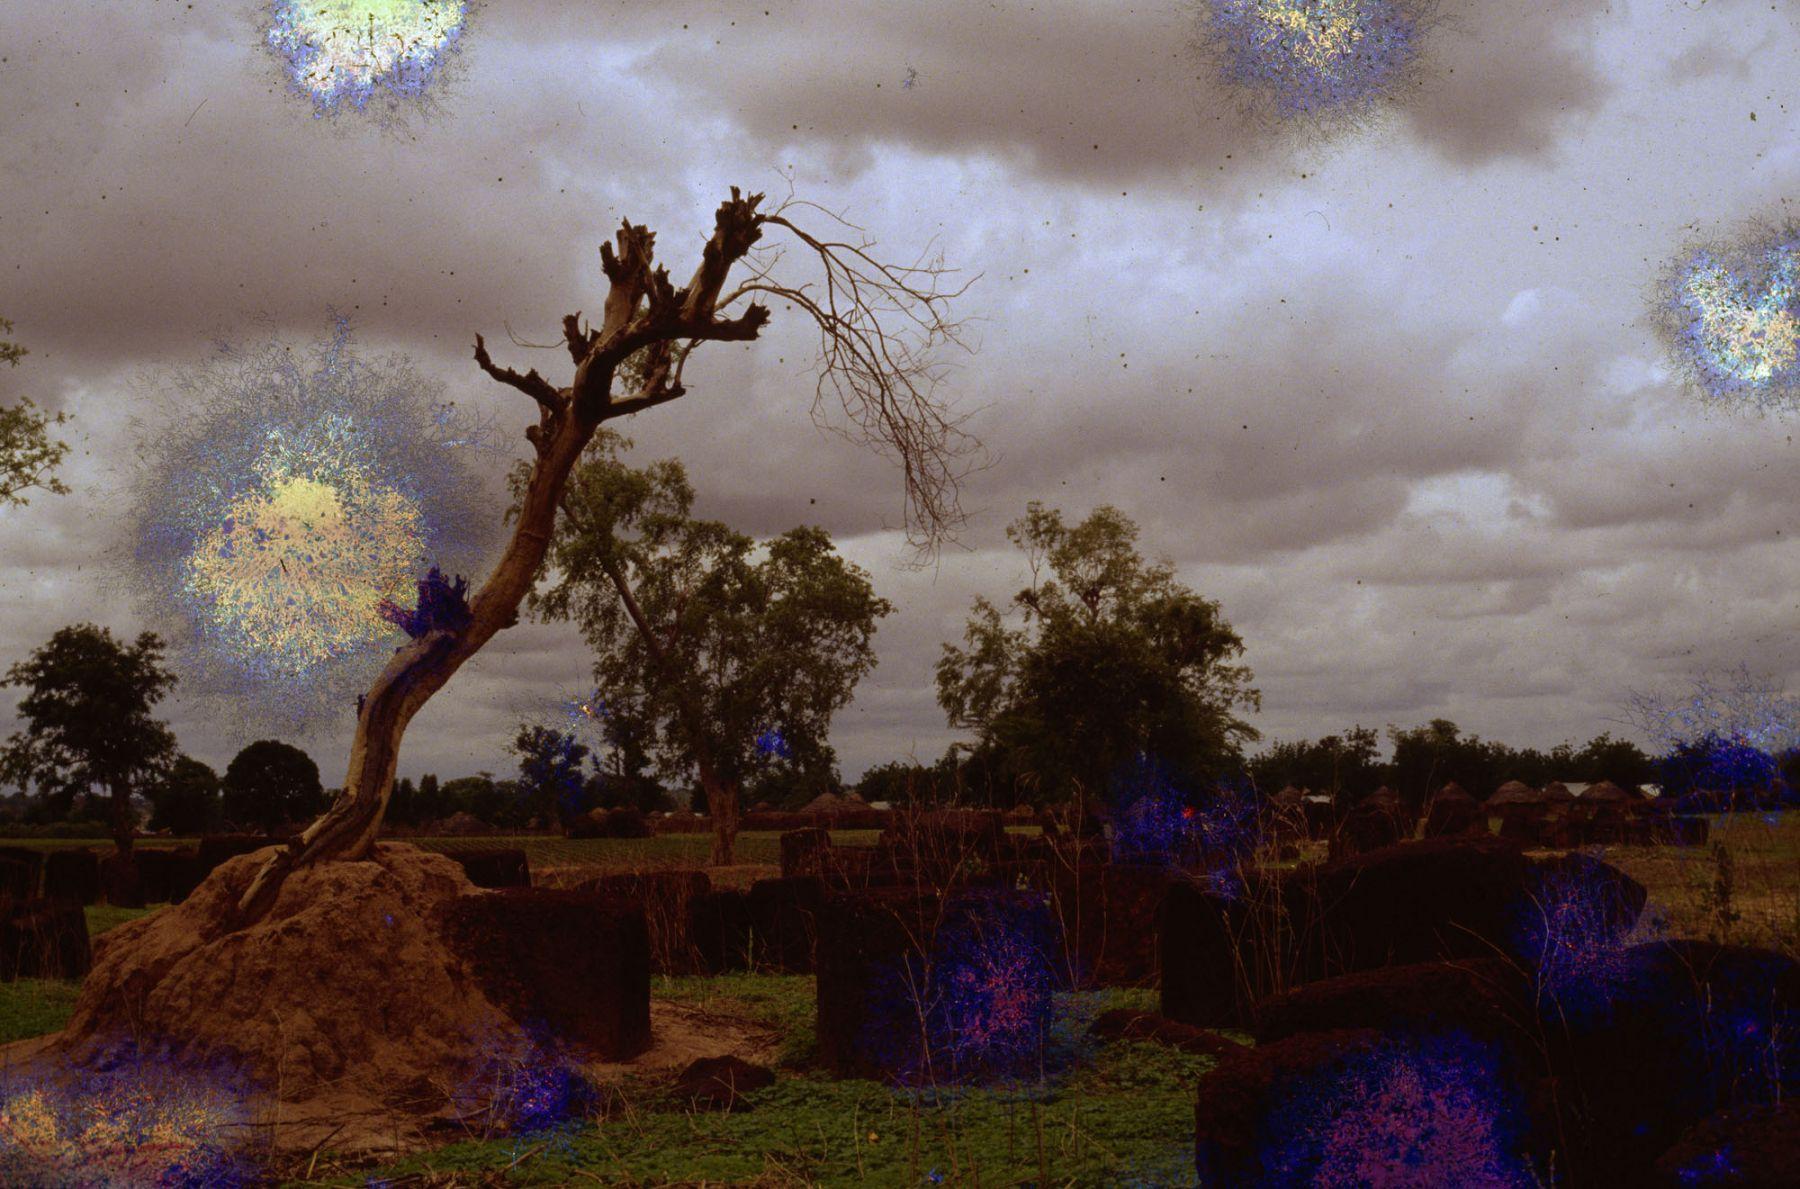 Toni Kleinlercher, Le fantôme afrique, Kaolack, 1990-2012